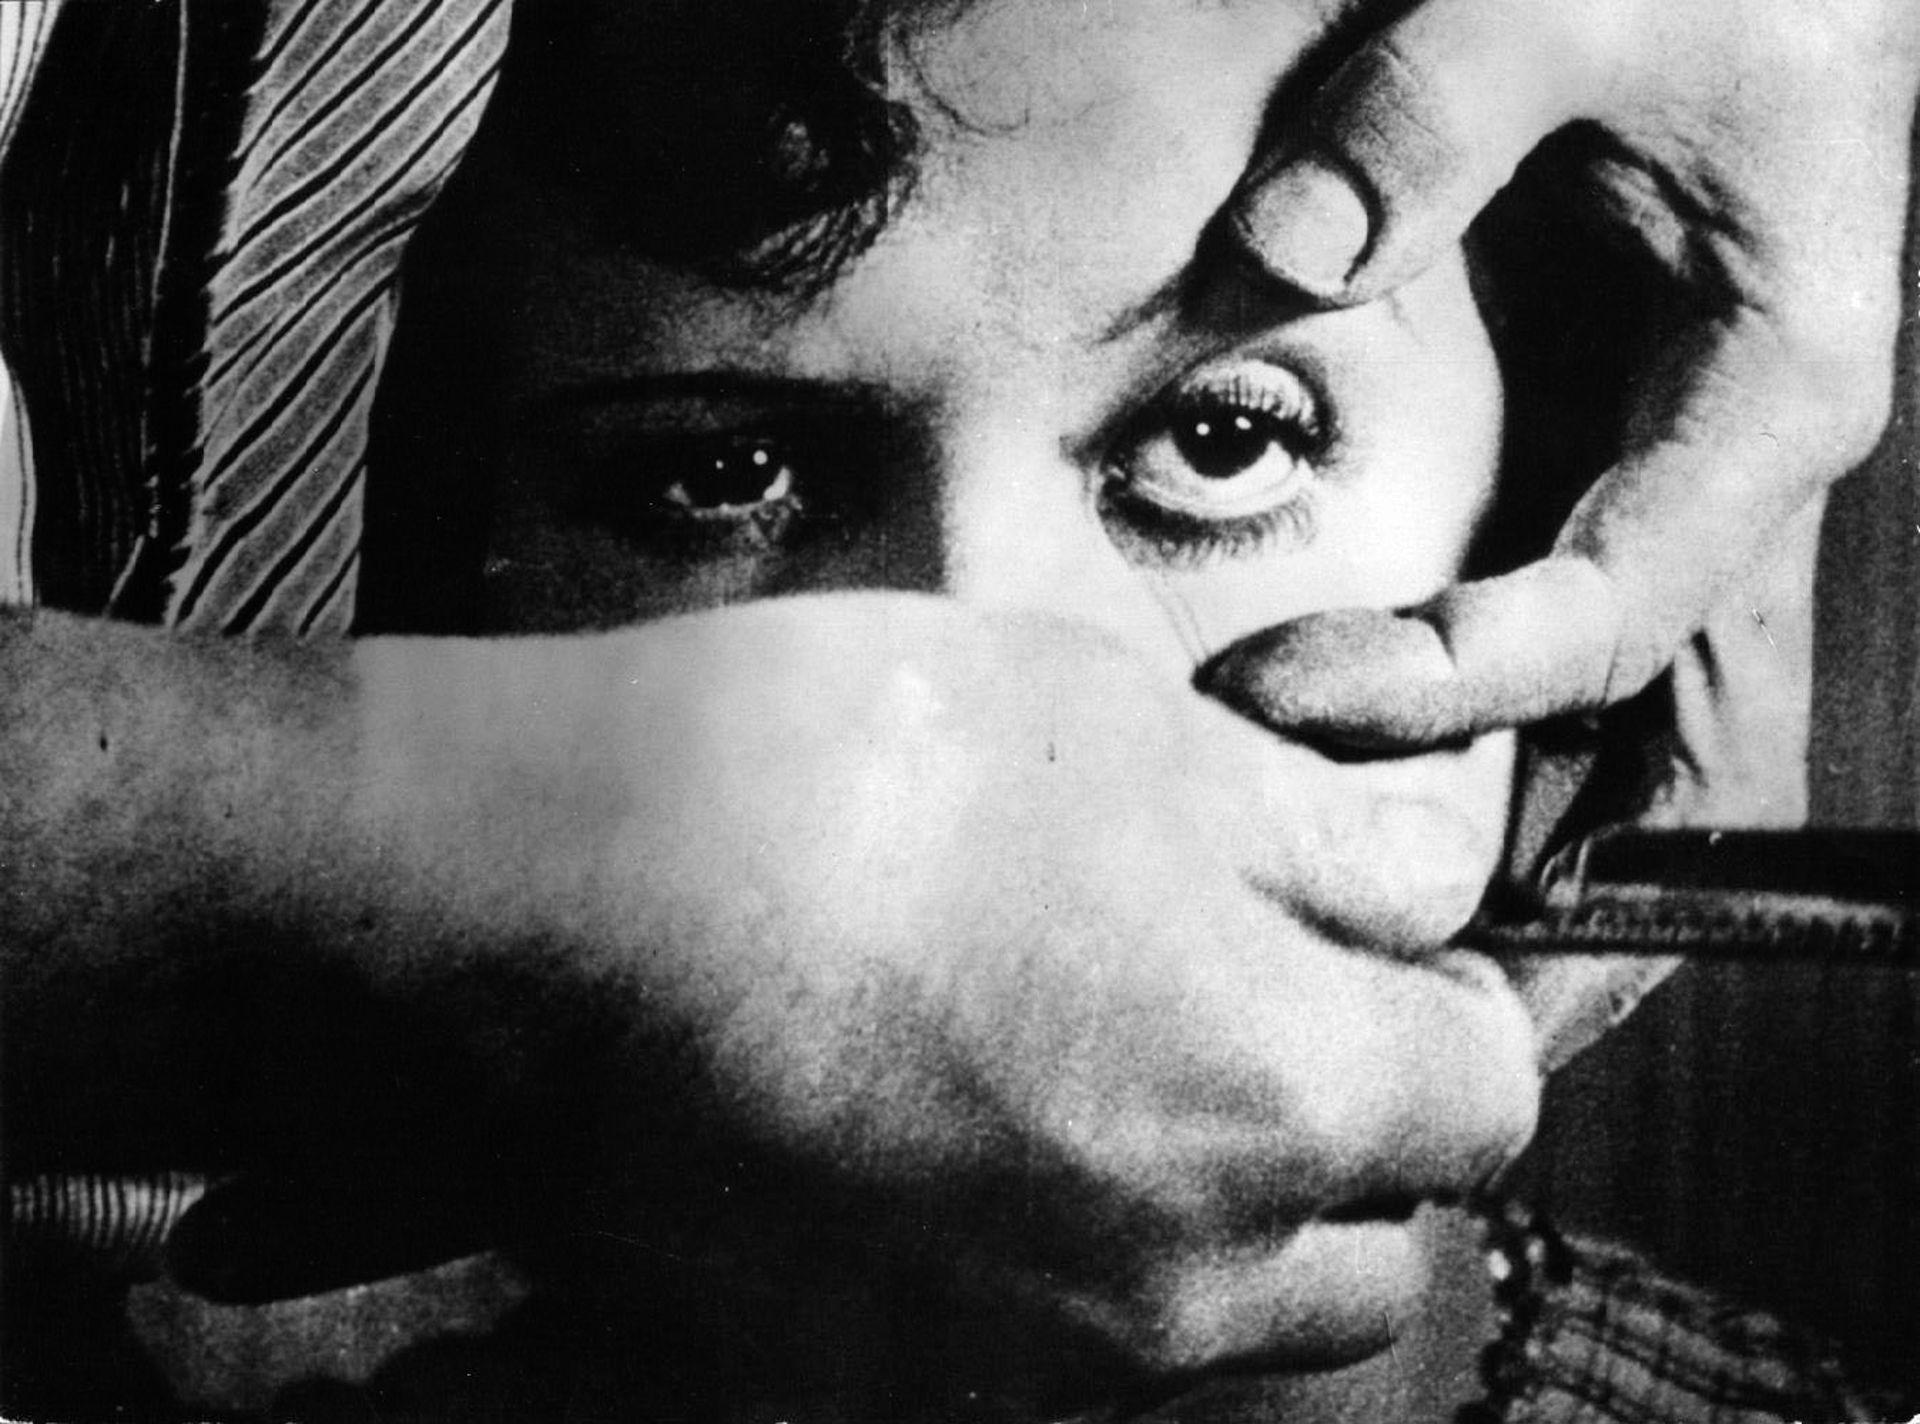 Luis Buñuel Un chien andalou (1929)